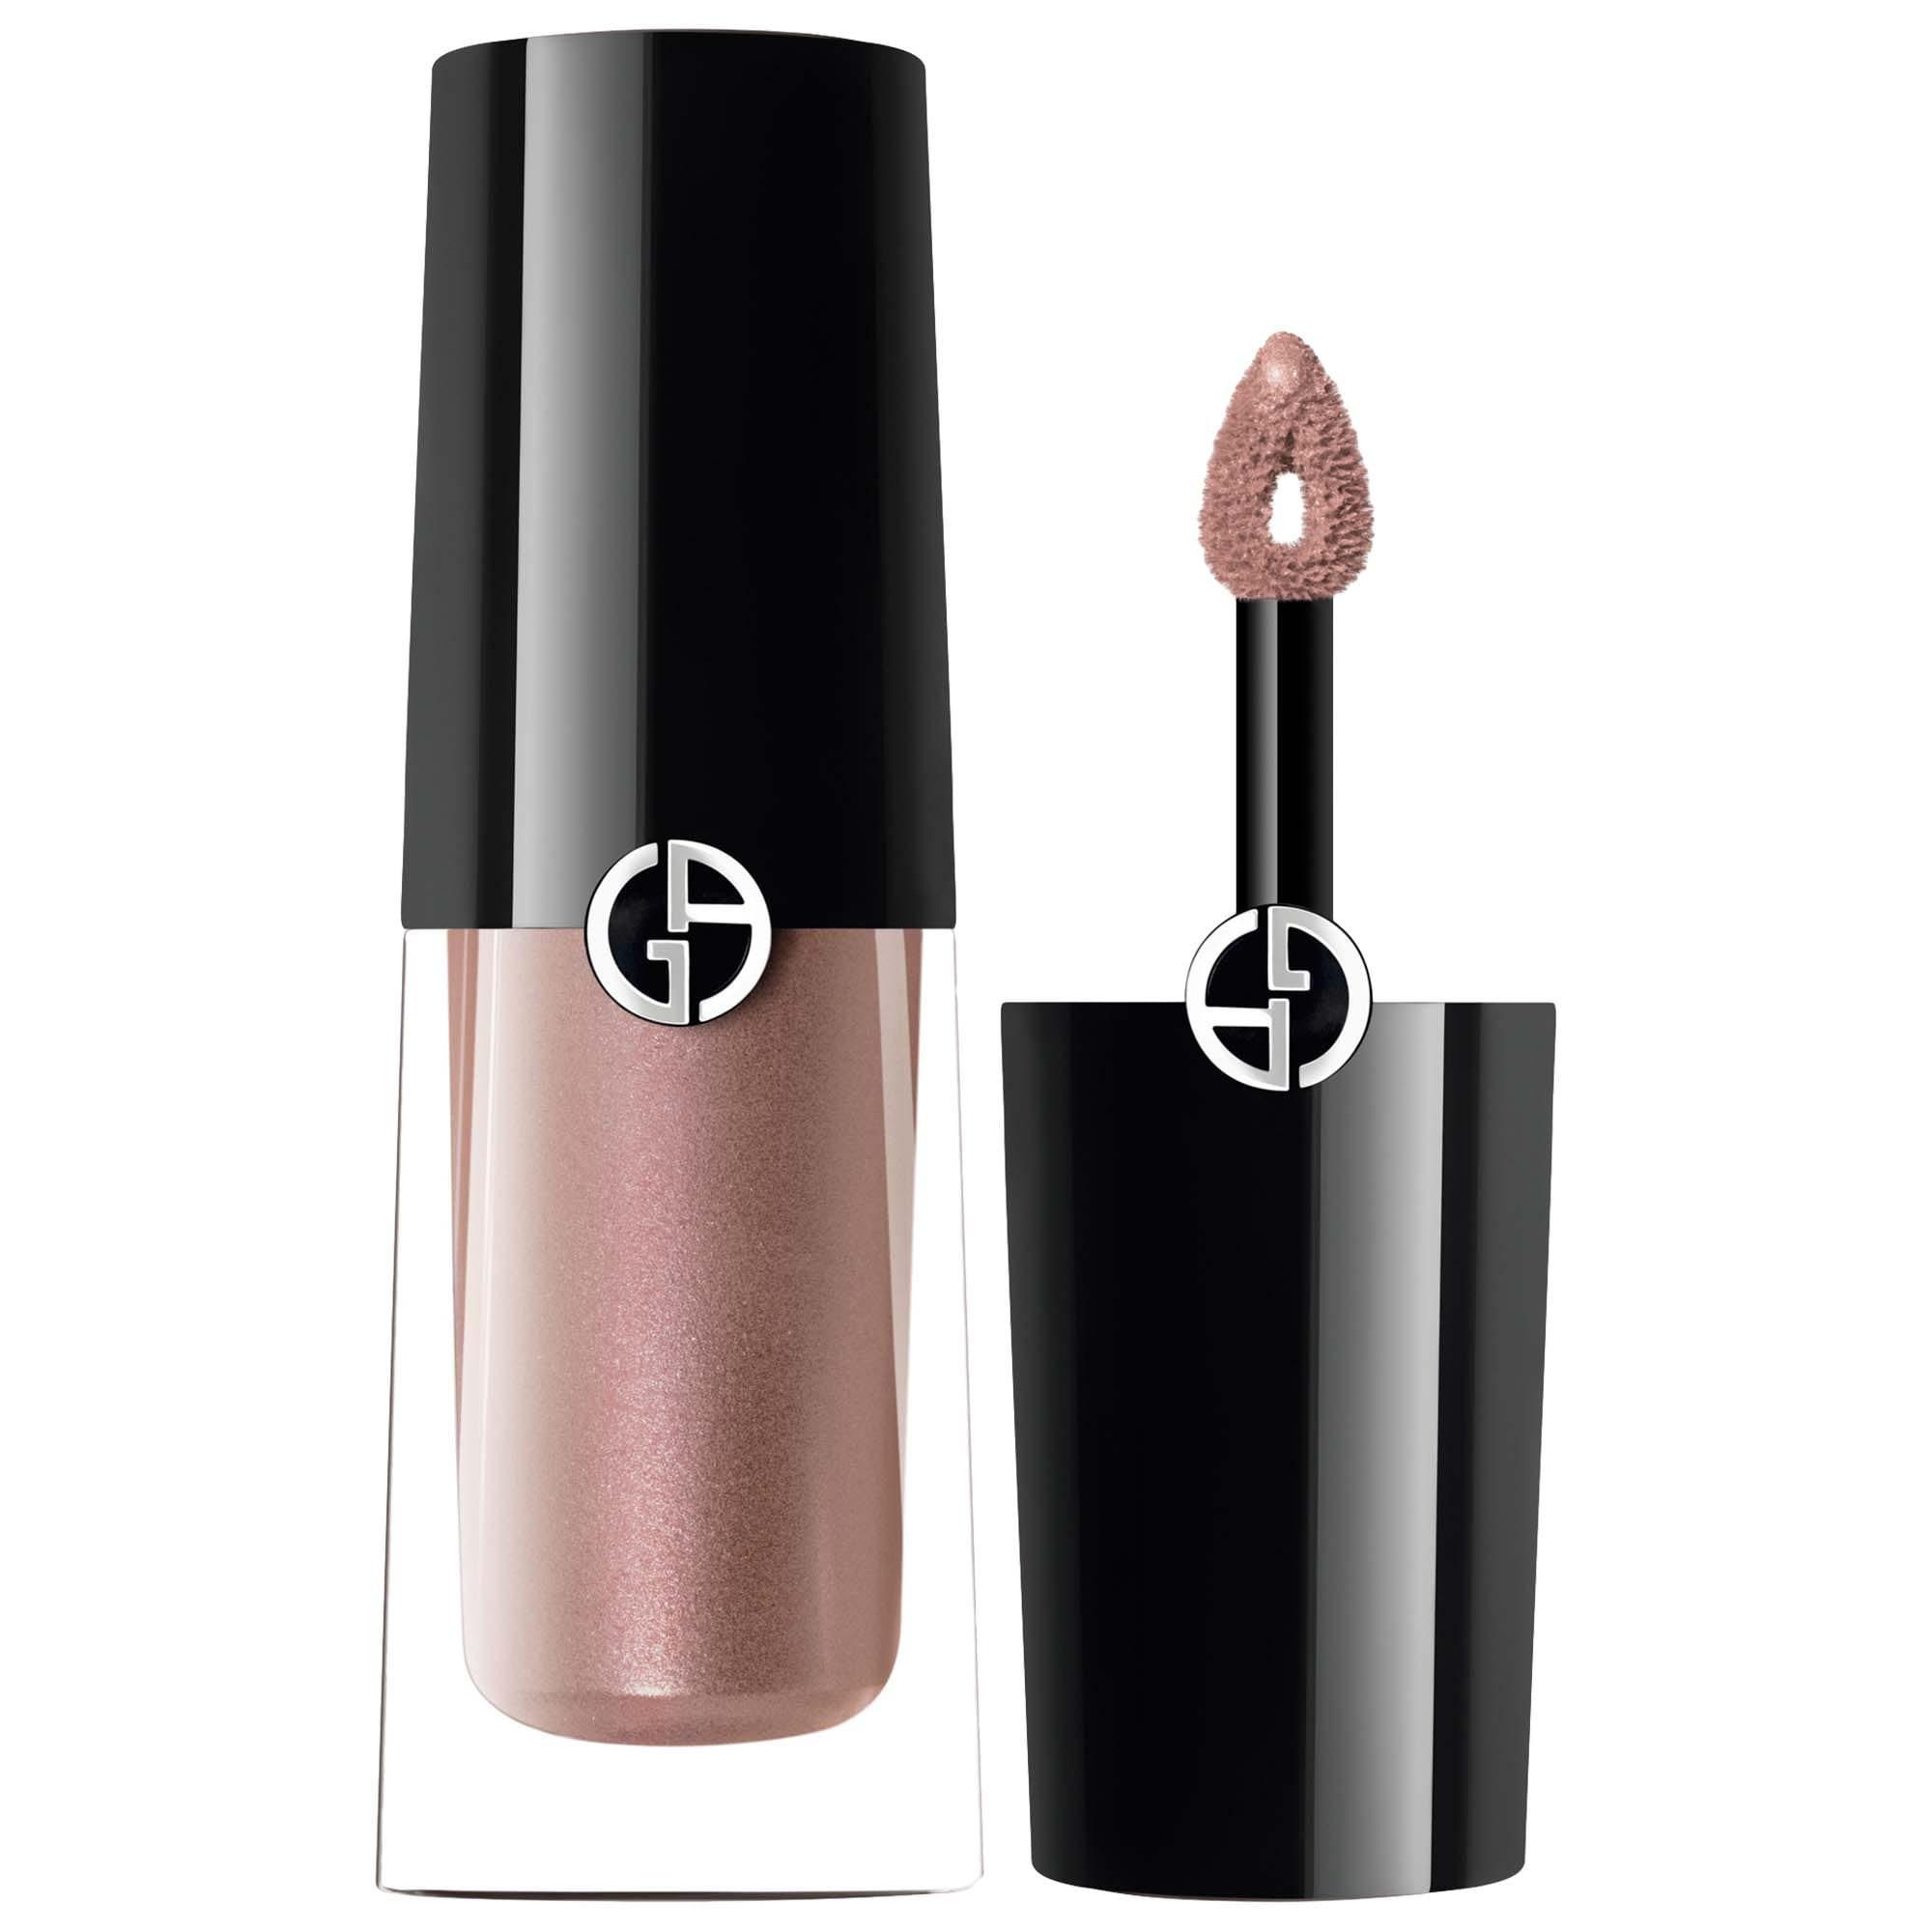 Giorgio Armani Beauty - Eye Tint Liquid Eyeshadow